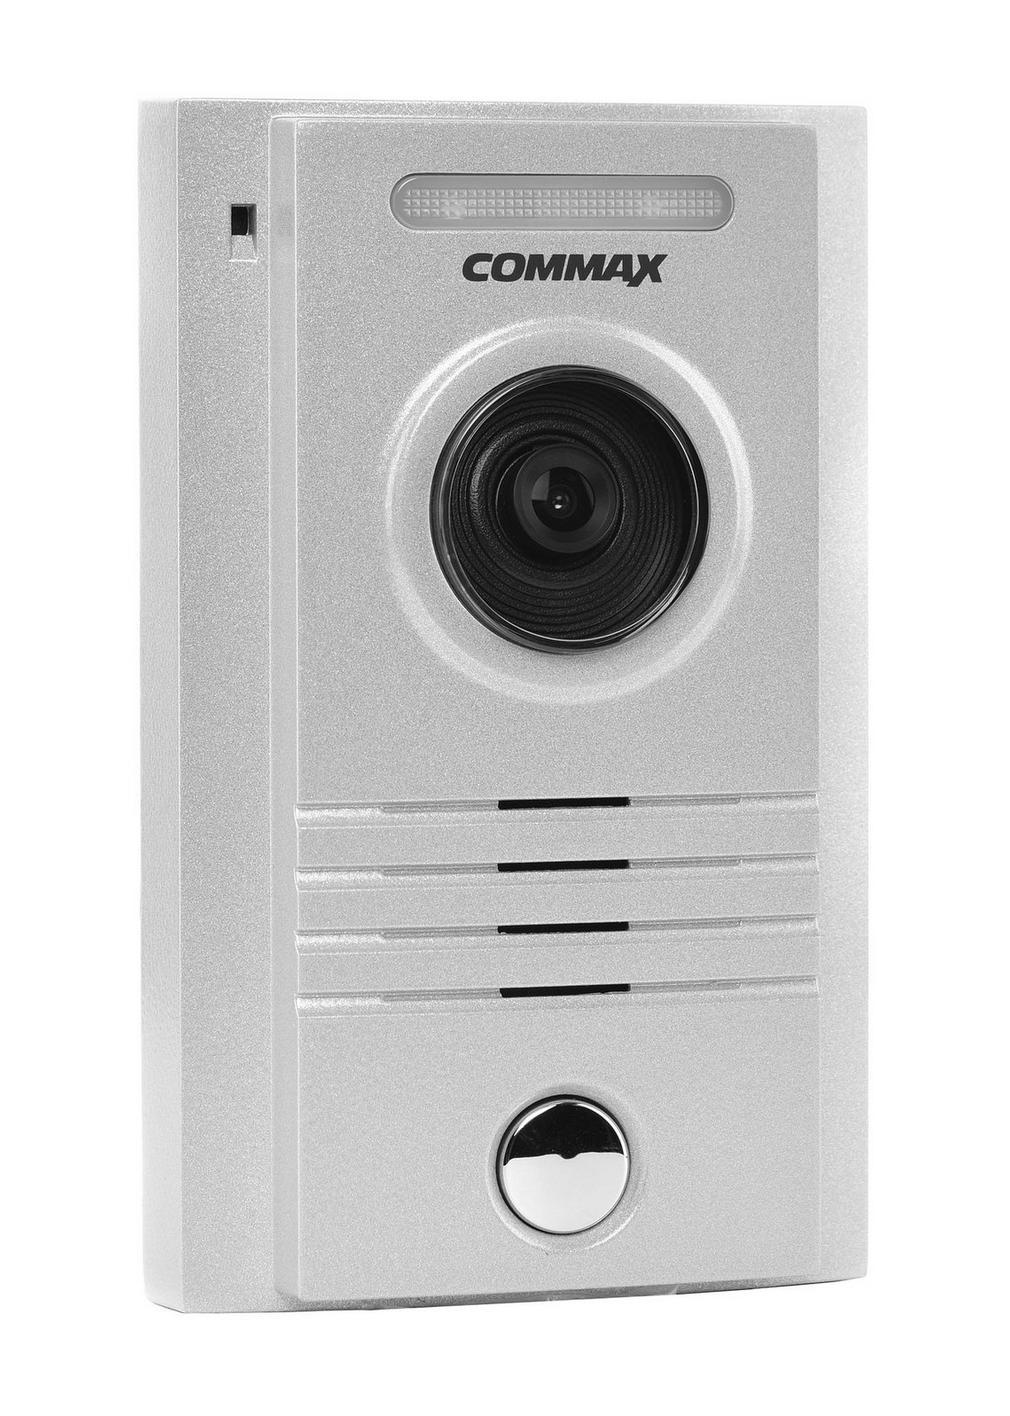 زر انتركوم خارجي بكاميرا بوابة ملونة يمكن ربطها ب 3 شاشات داخلية  من كوماكس DRC-40K